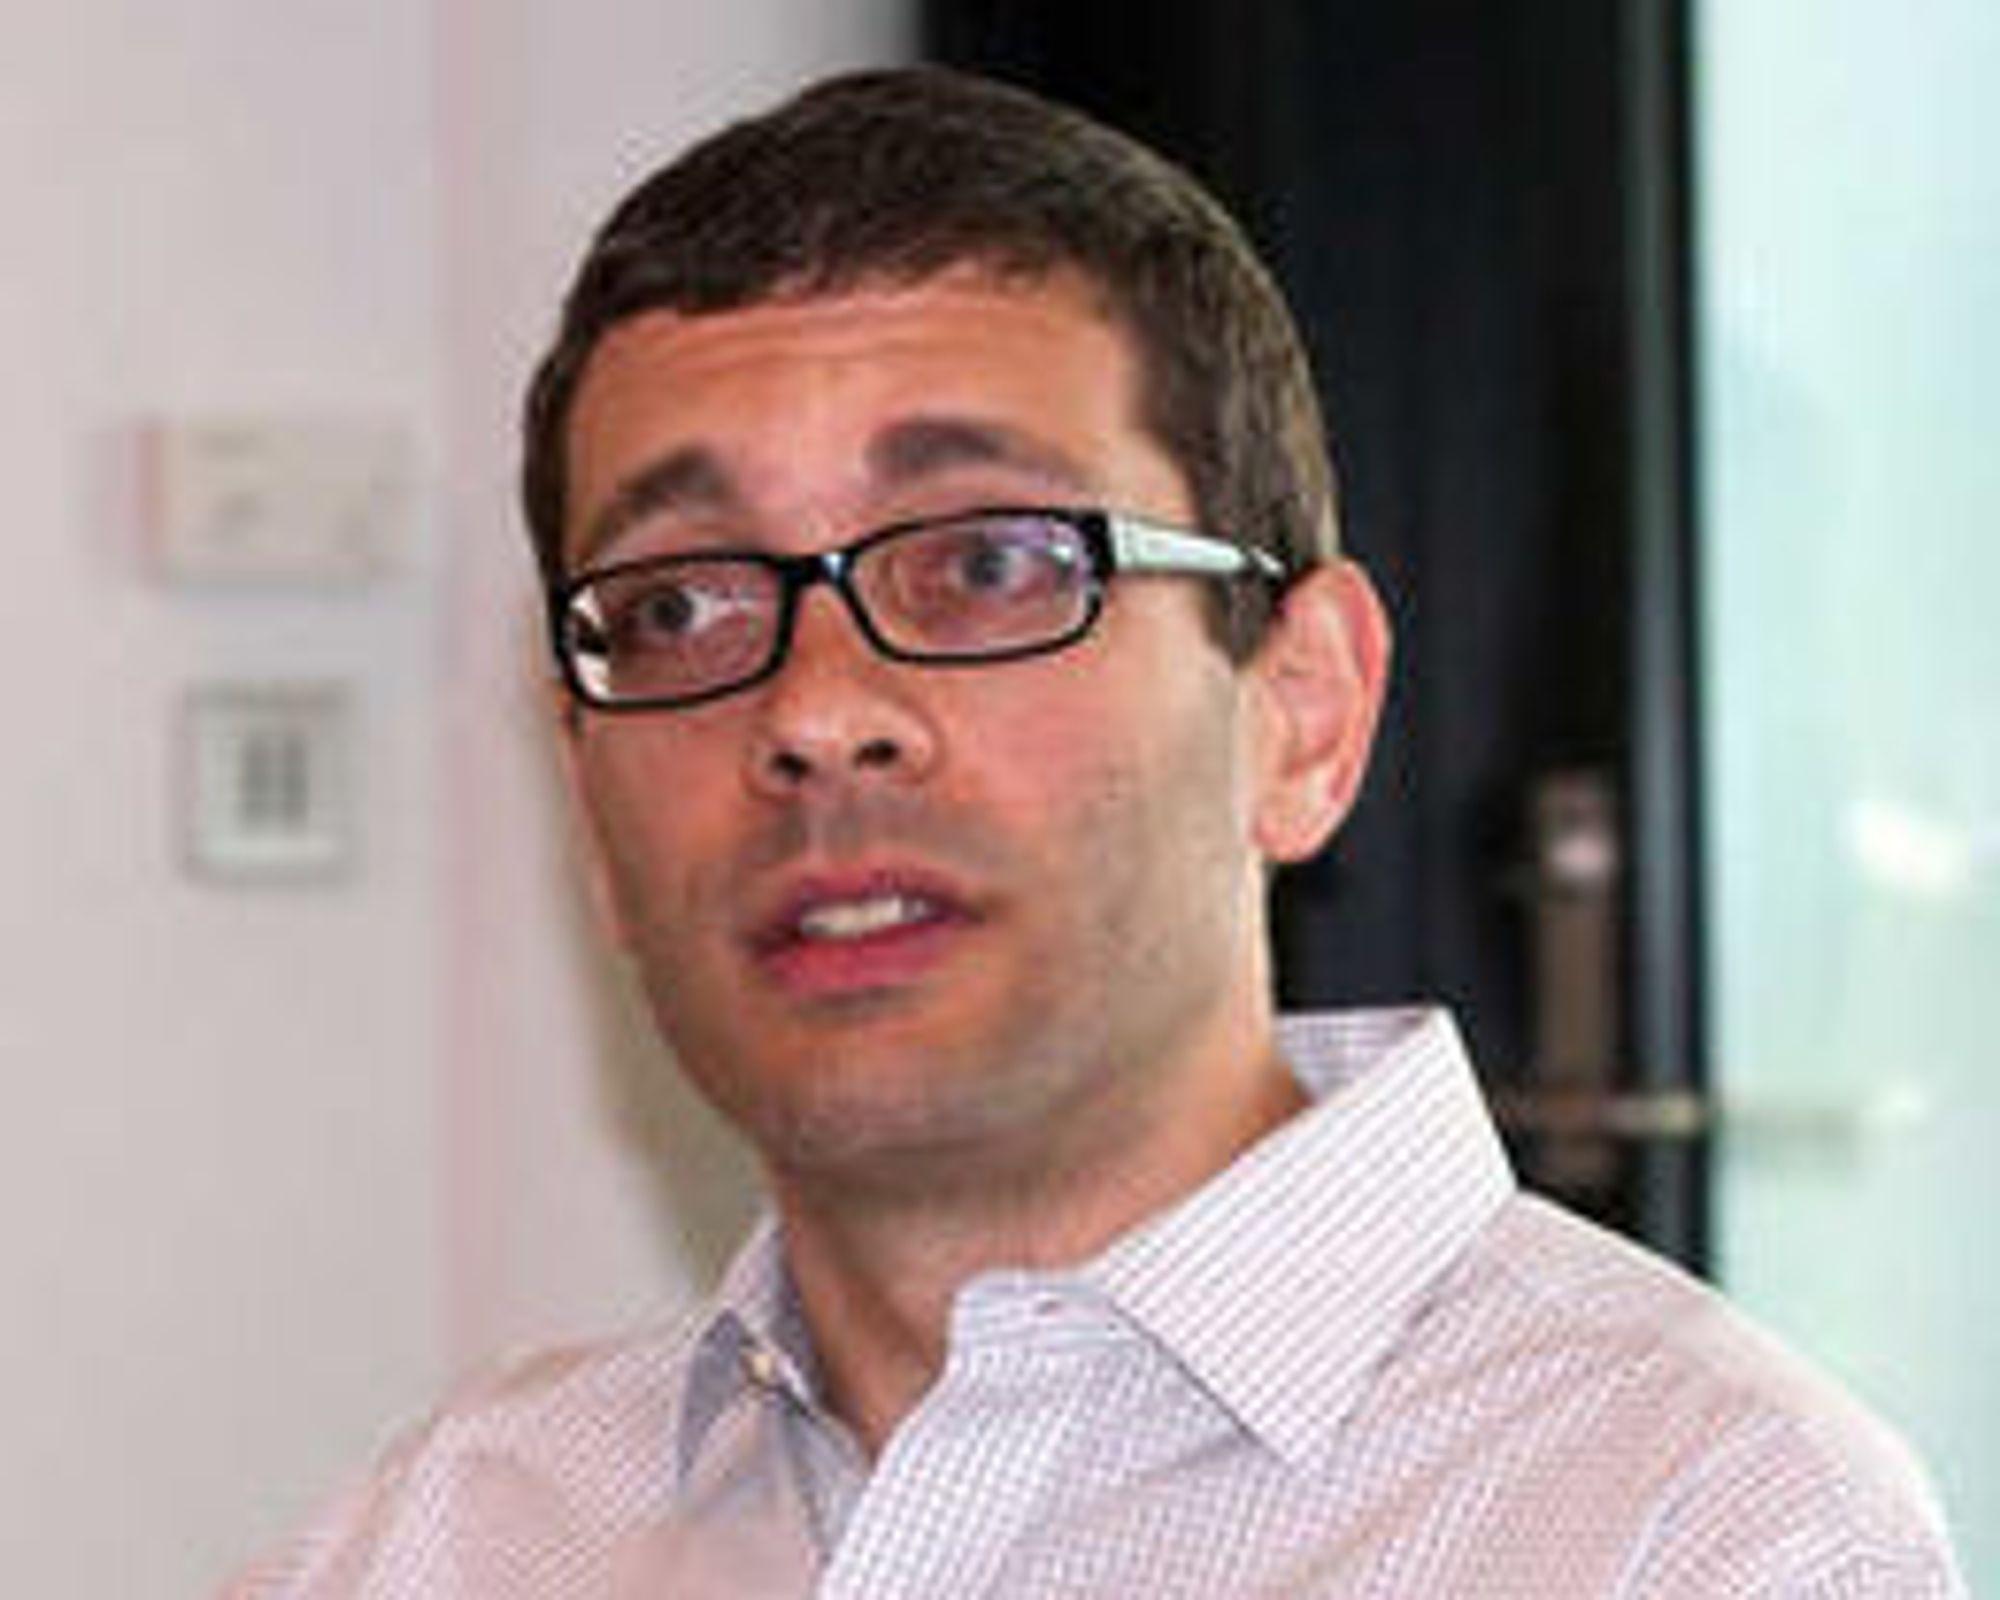 Mozilla ble tvunget til å innføre DRM-støtte i nettleseren, forklarer Andreas Gal (bildet).